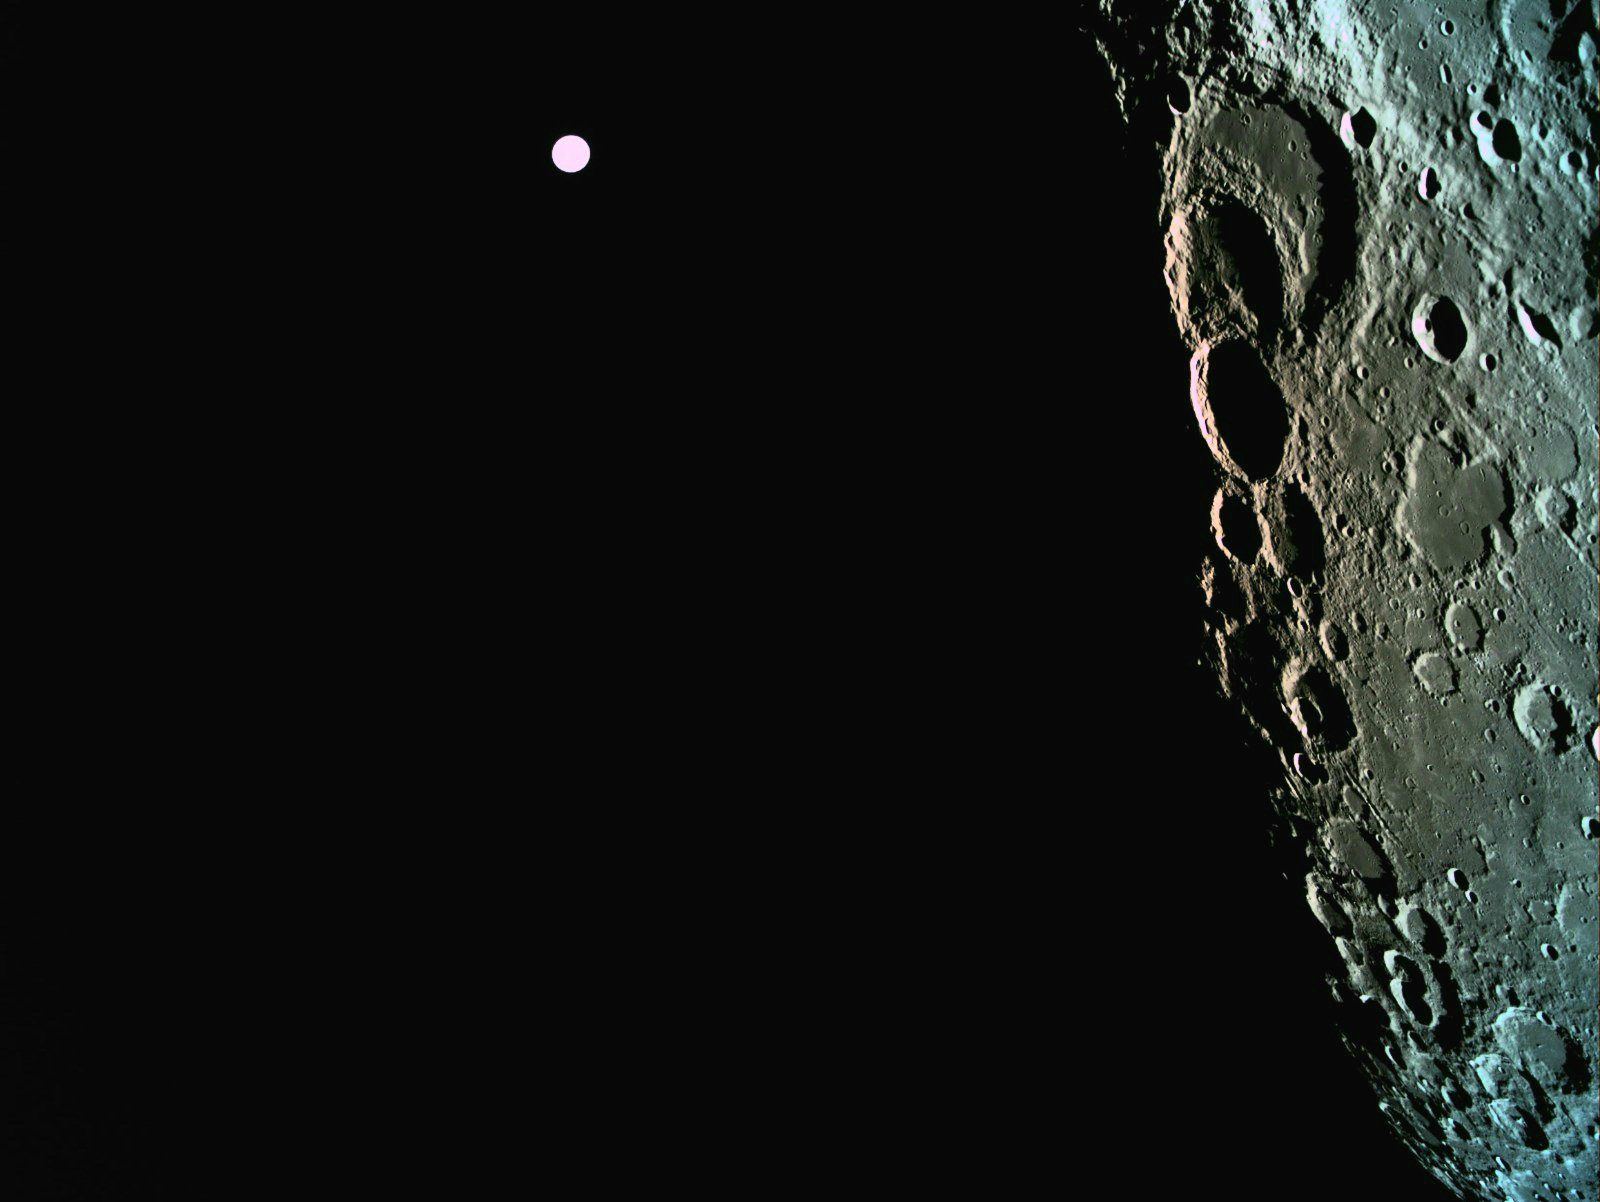 La Lune et la Terre